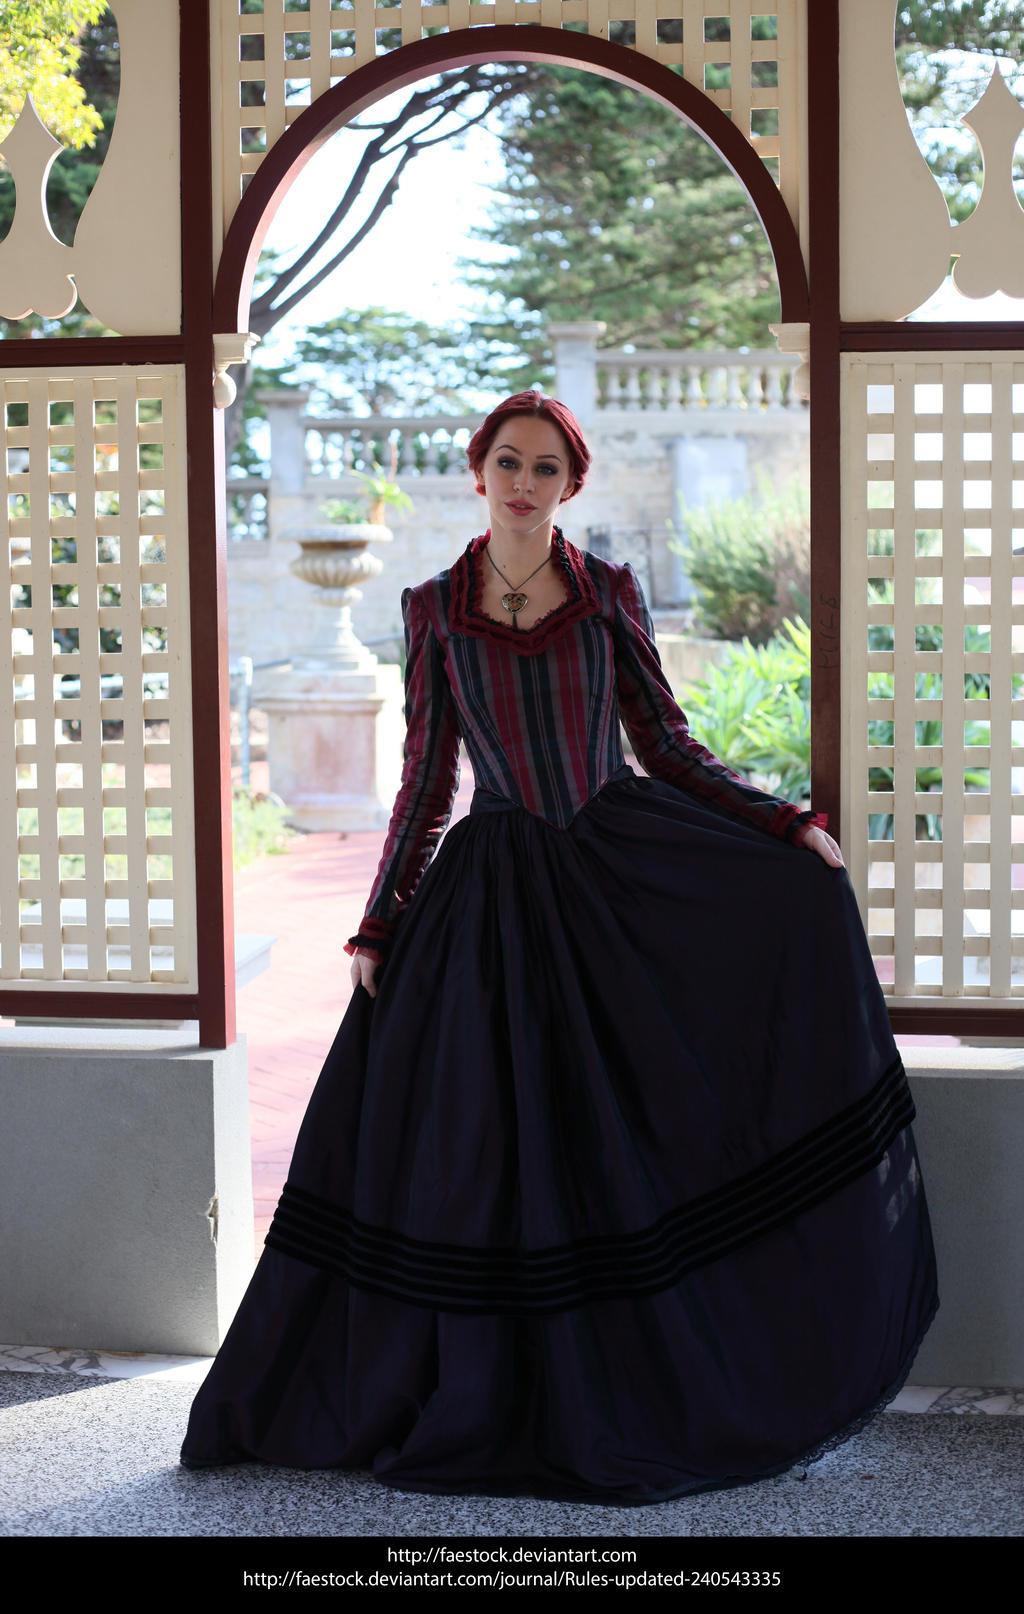 Victoriana16 by faestock